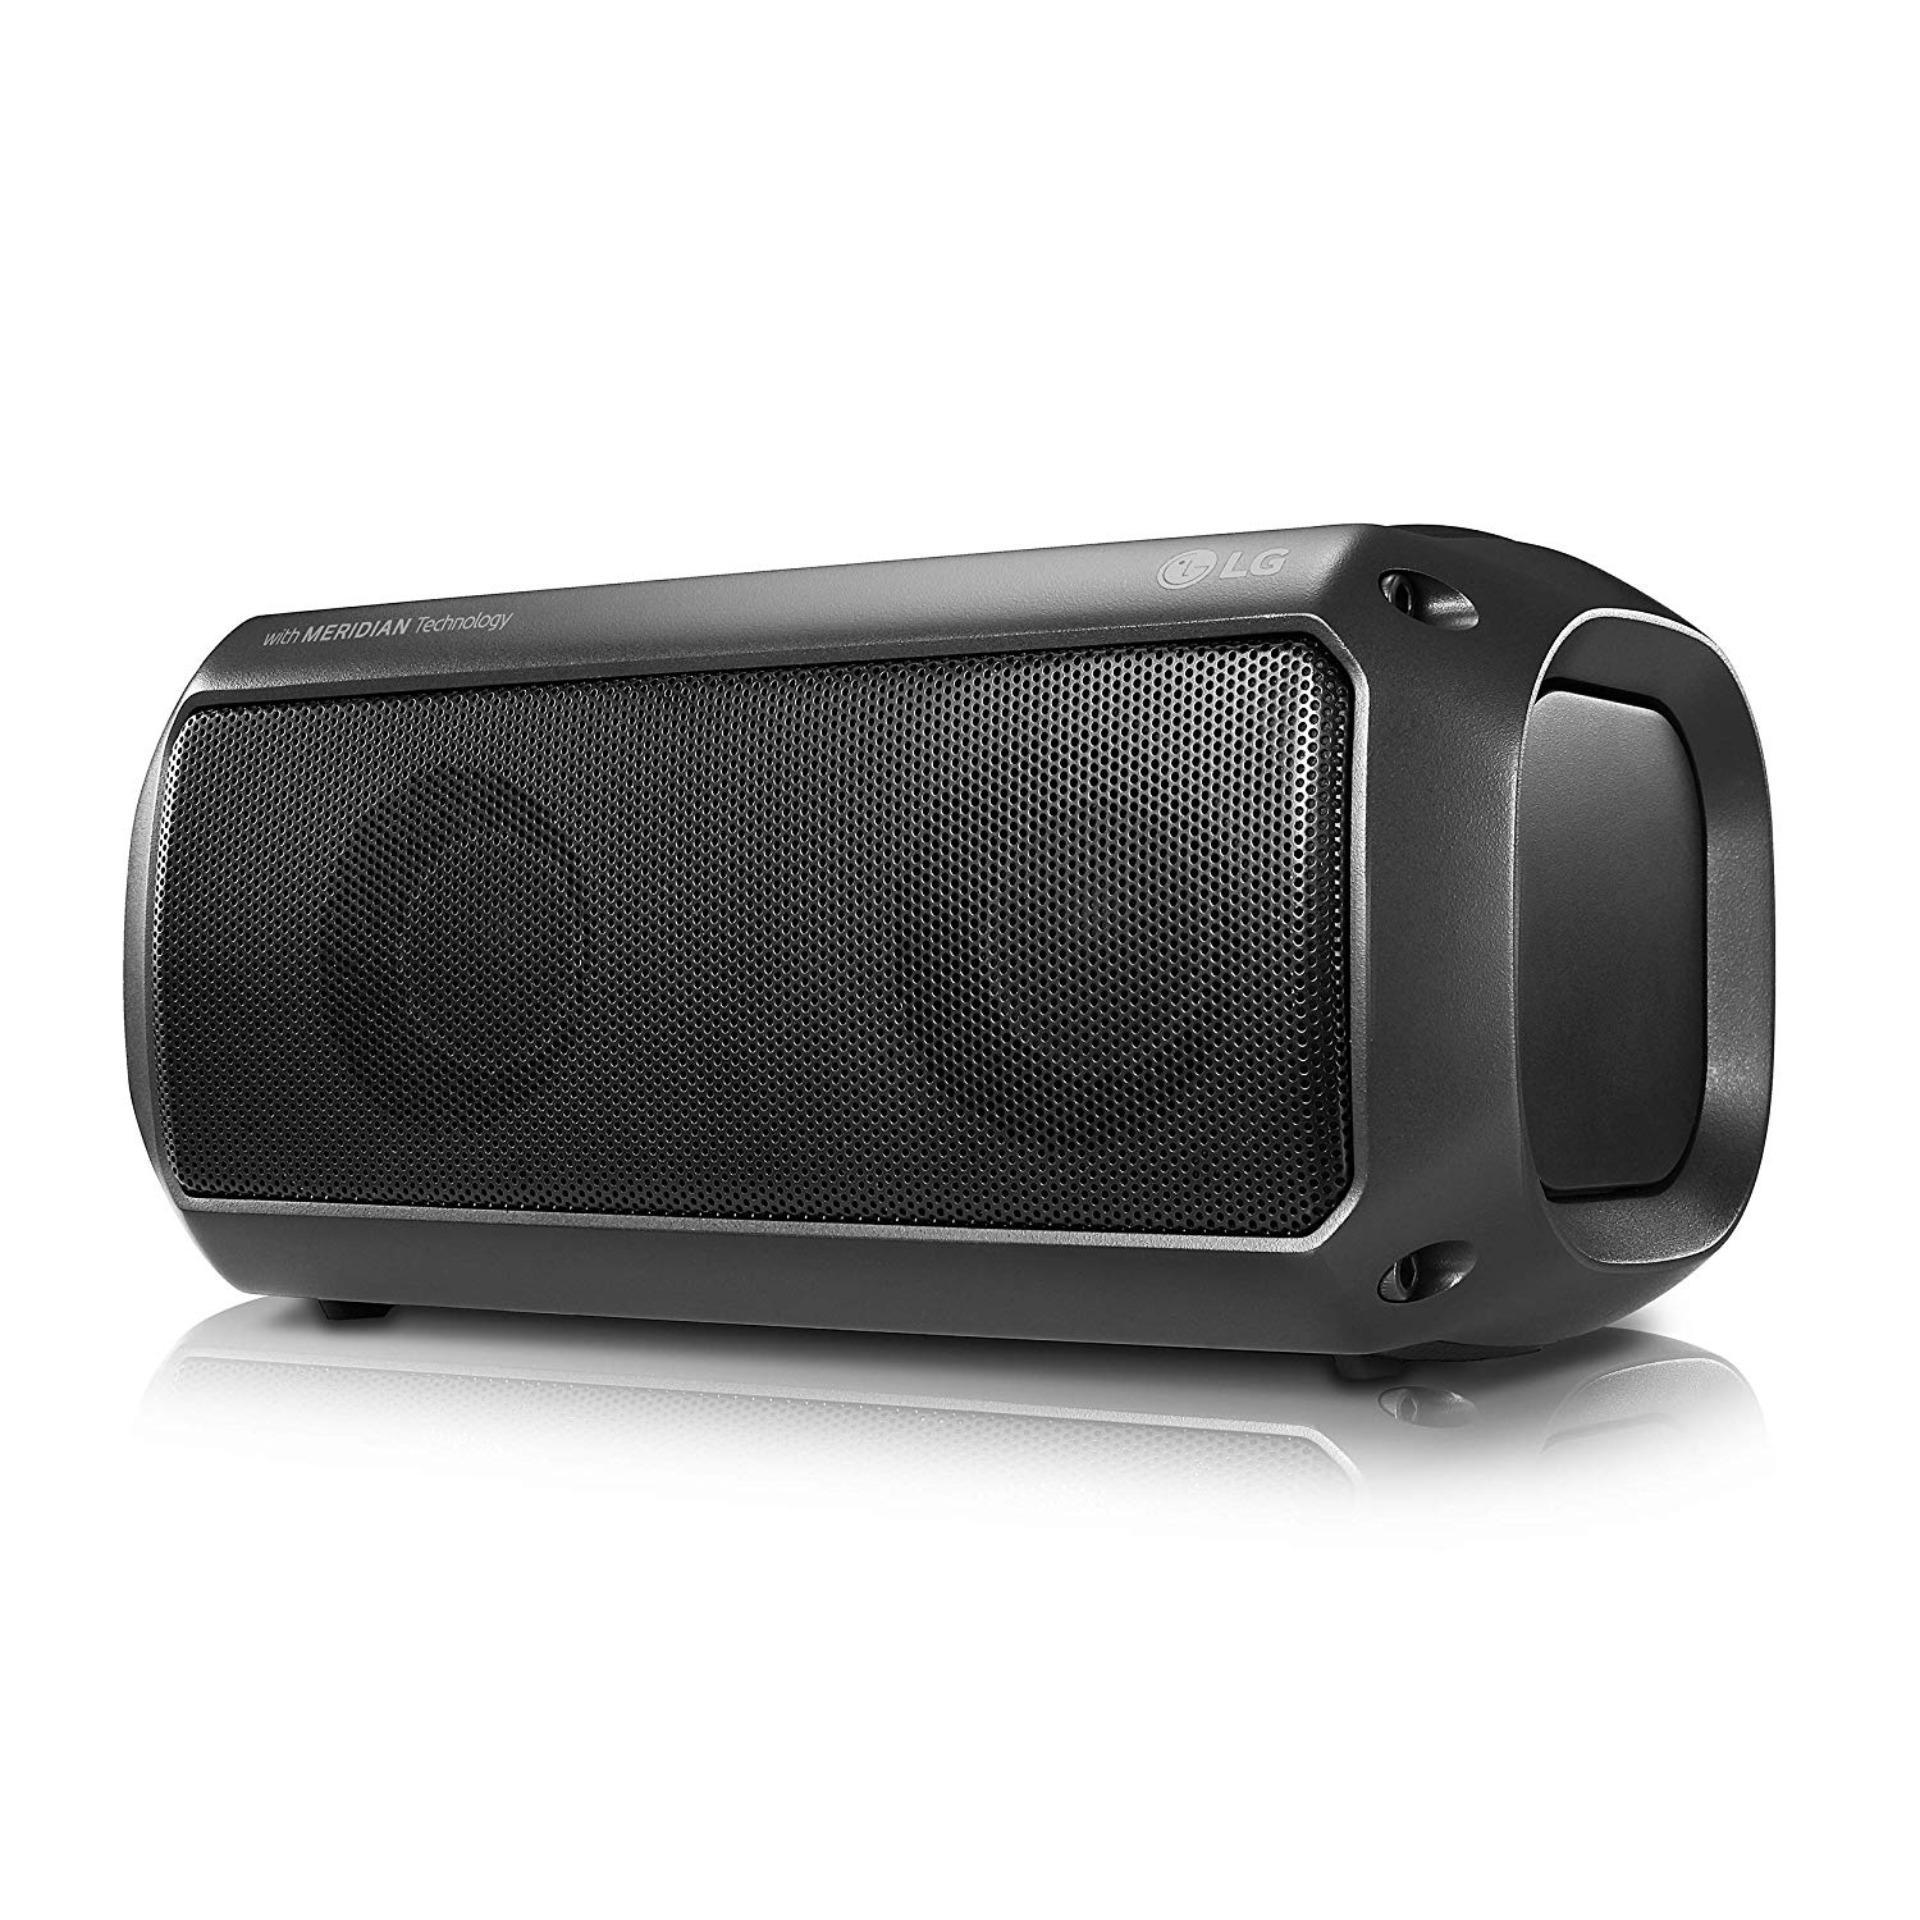 Loa Di Động Bluetooth LG Xboom Go PK3 - ÂM THANH NỔI SỐNG ĐỘNG - Nguyên seal bảo hành 2...